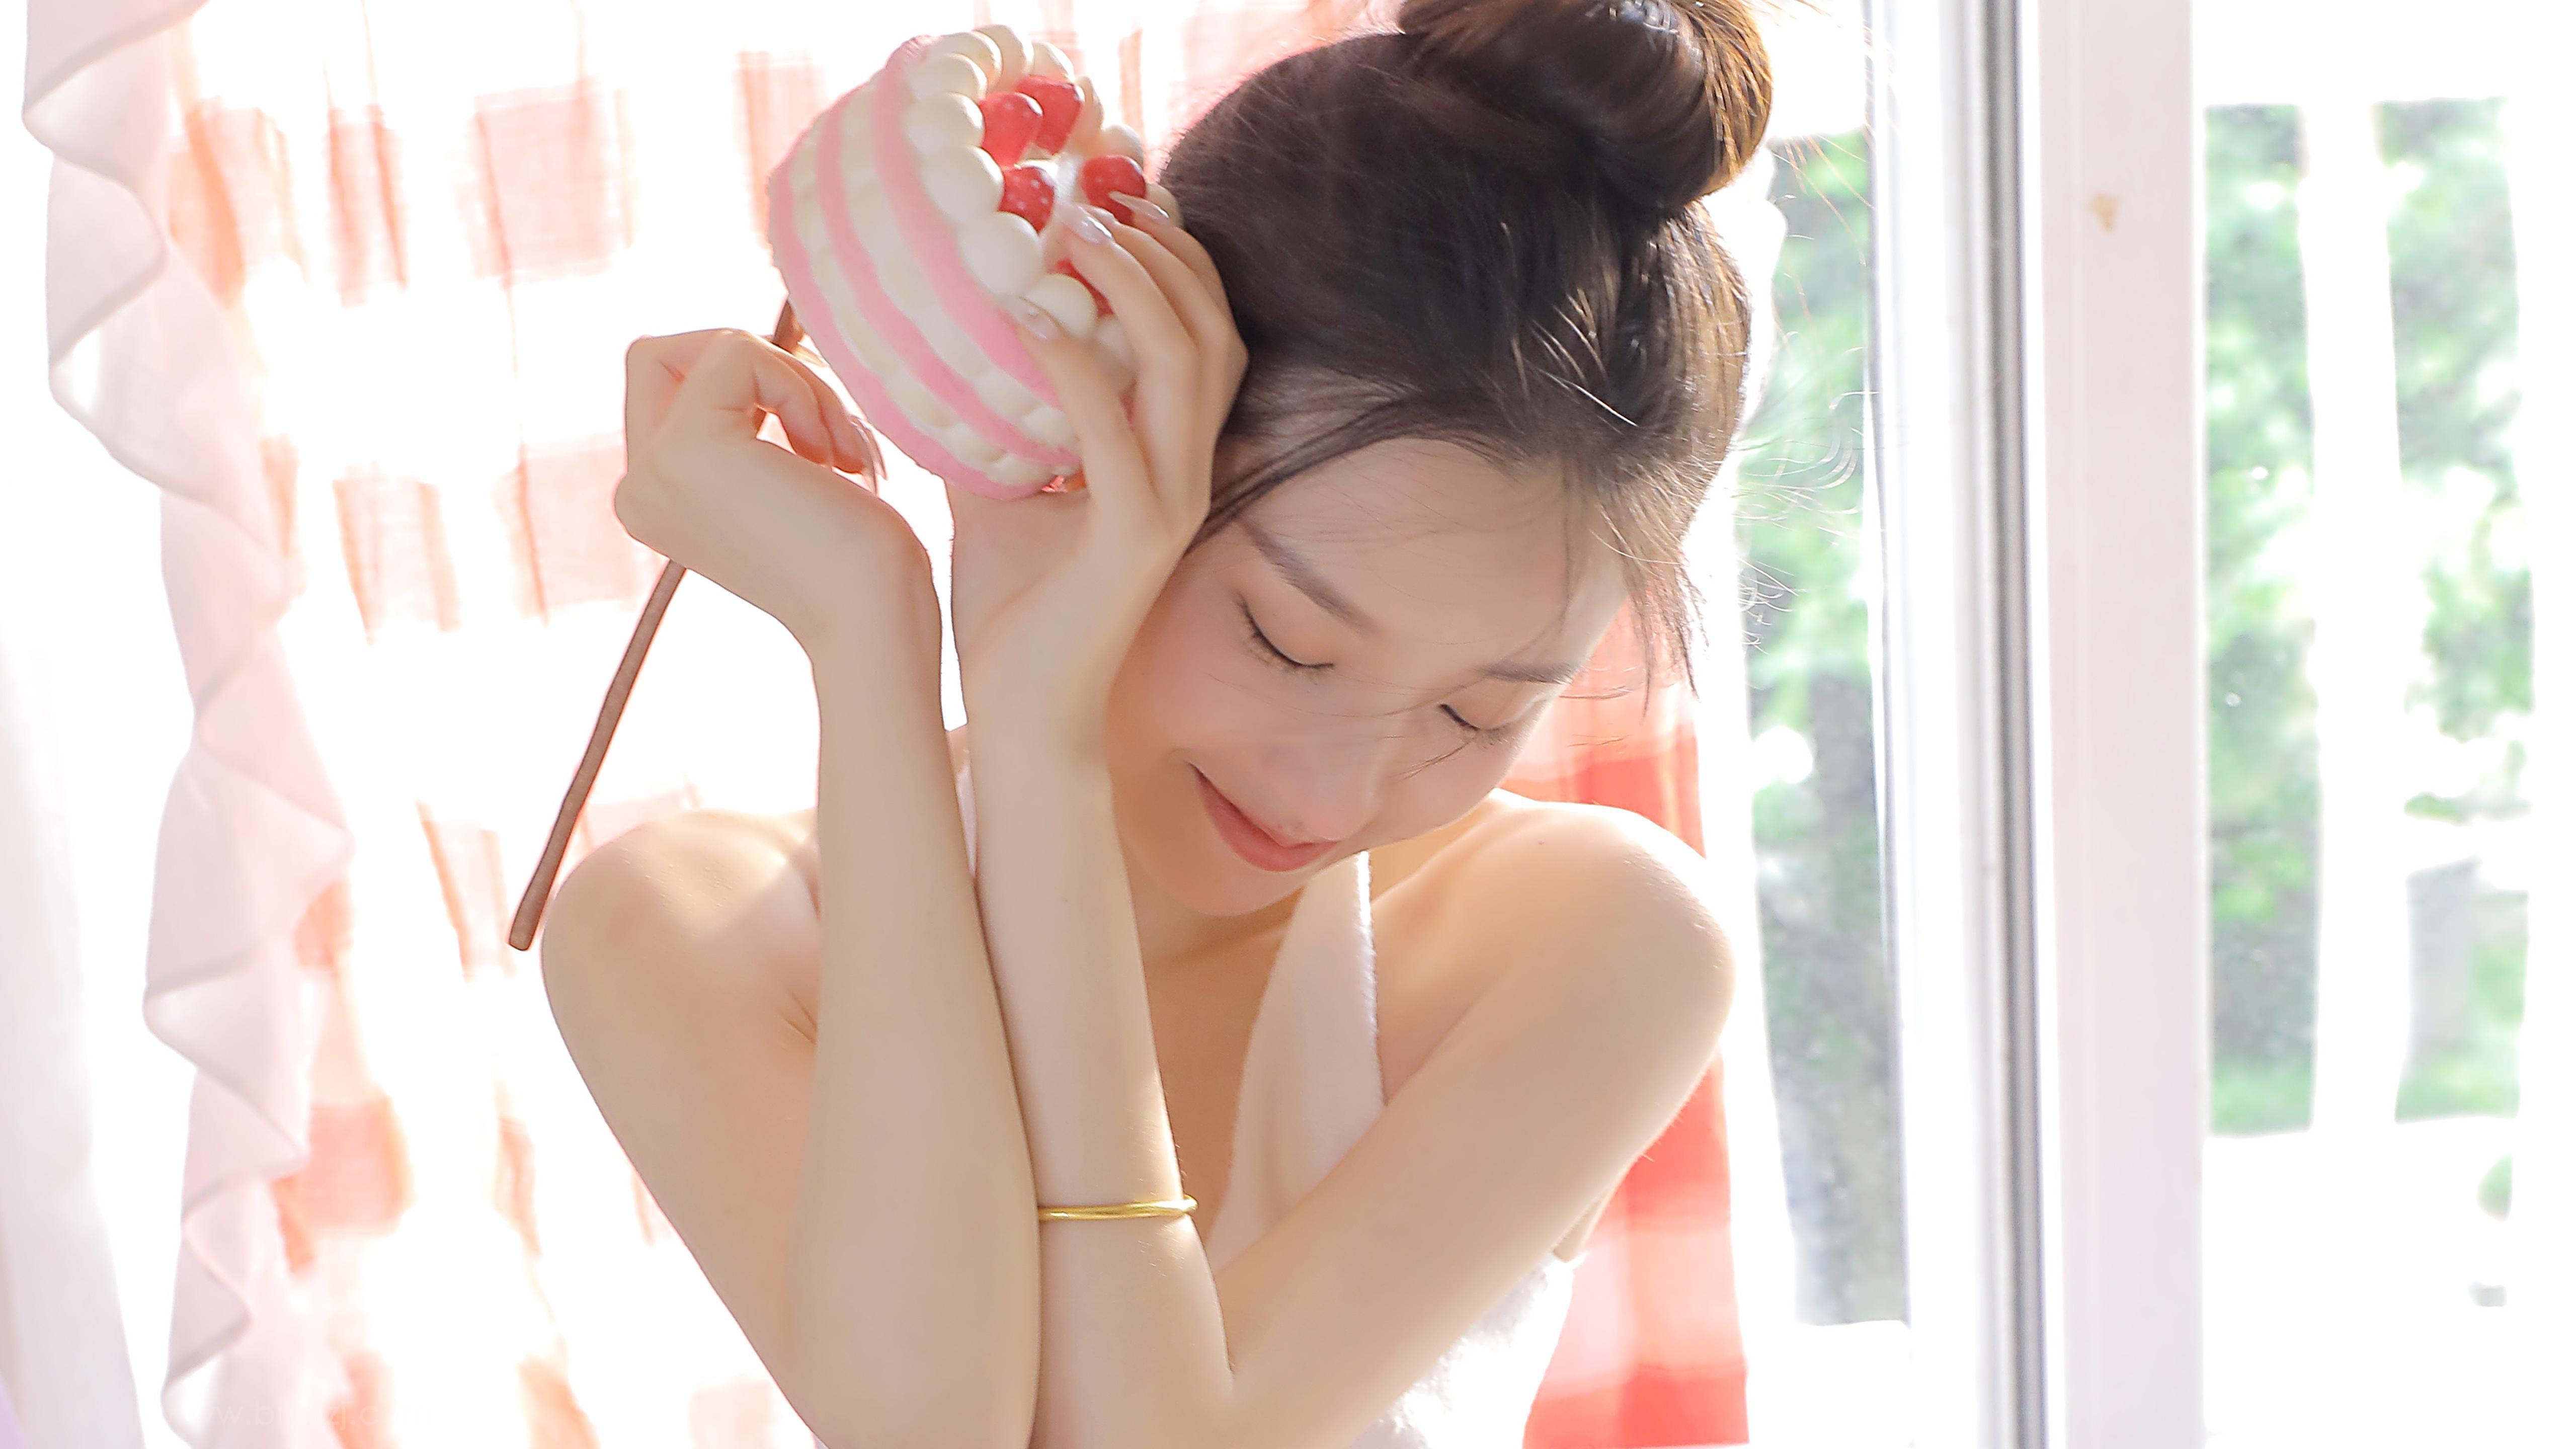 大白细腿漂亮年轻可爱少女头像壁纸